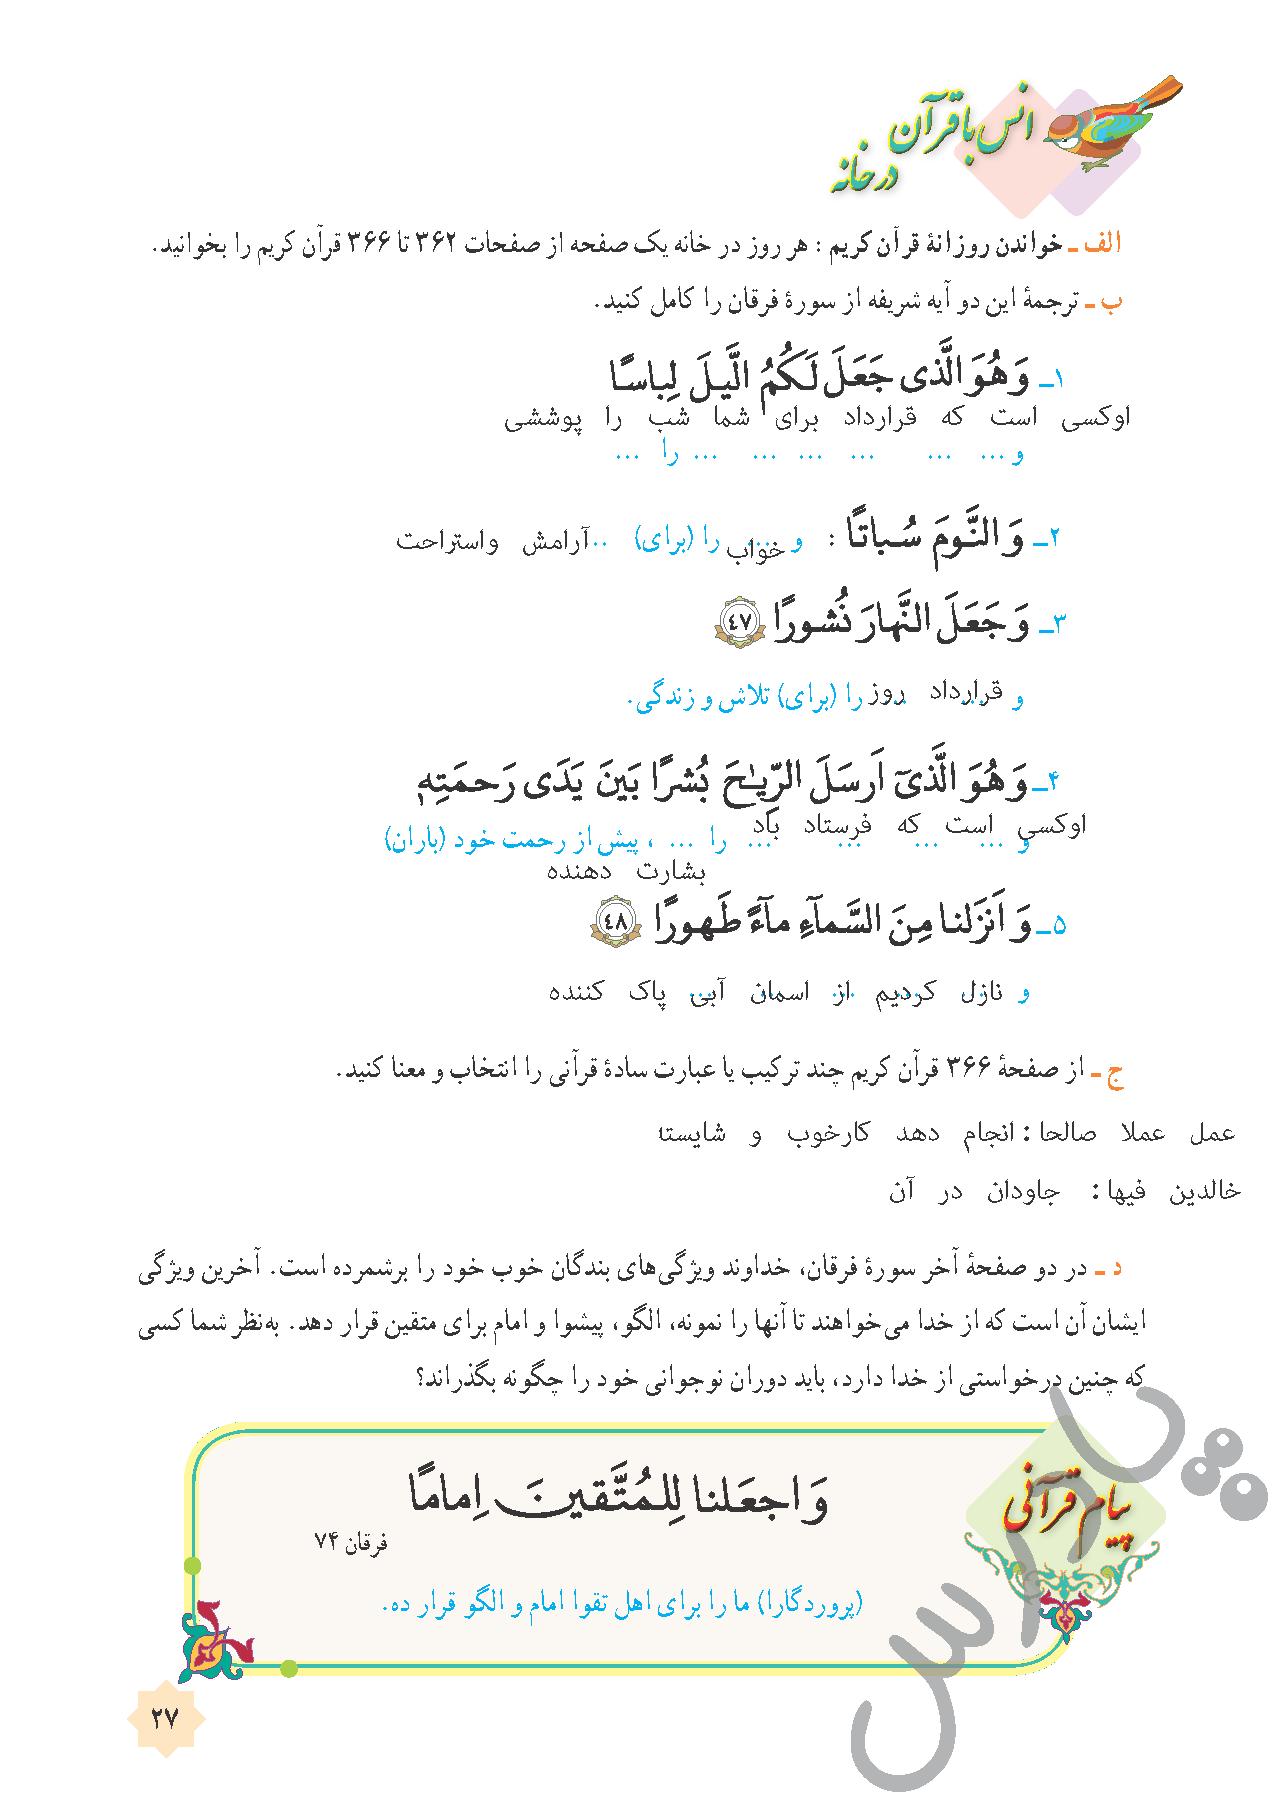 جواب انس با قرآ« درس 2 قرآن  هشتم - جلسه دوم